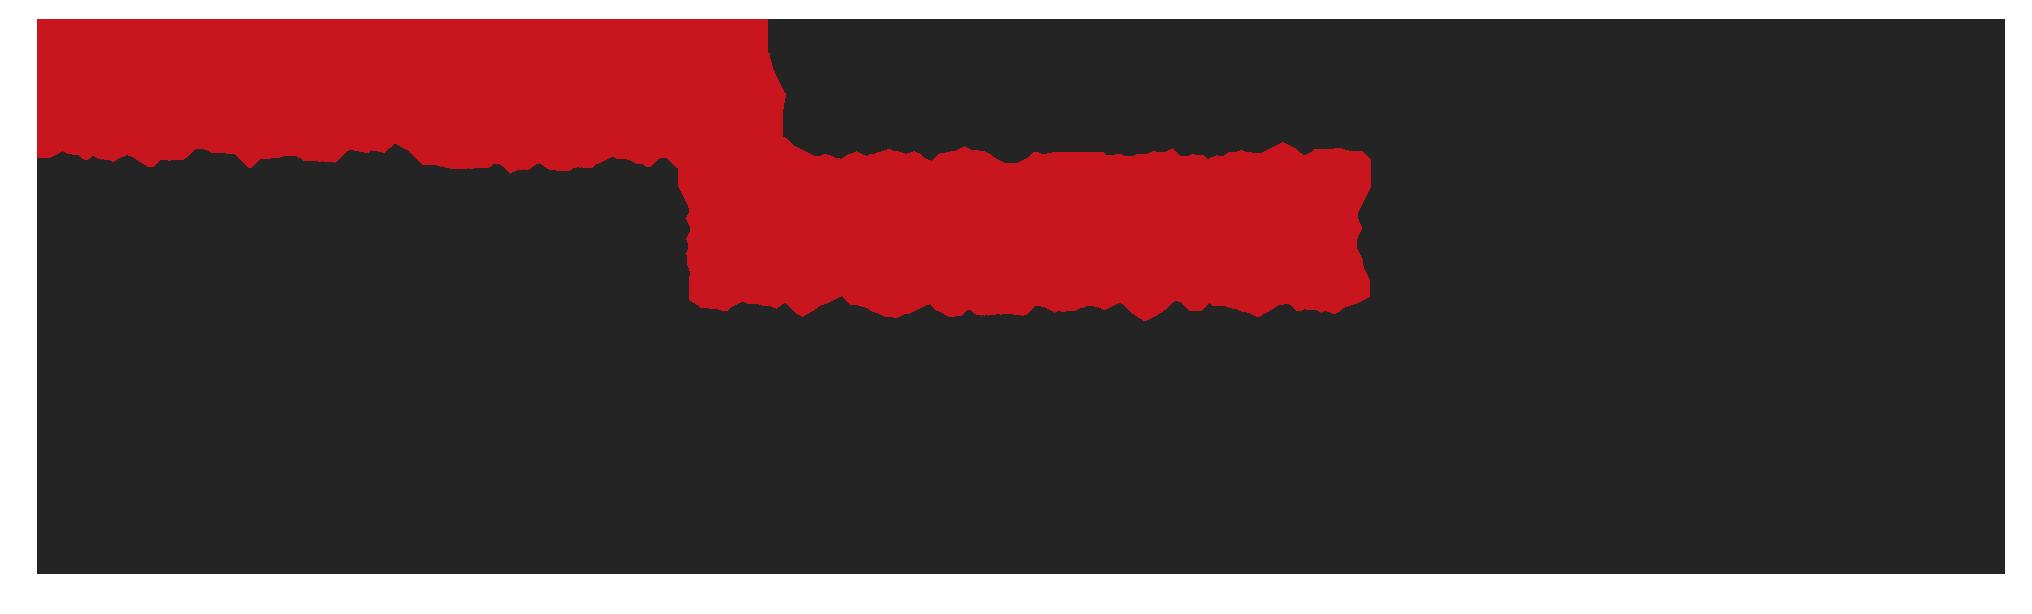 和食レストランとんでん(関東地区店舗)のお米は おいしい秋田県産「あきたこまち」を使用しています。(一部店舗では北海道産「ななつぼし」を使用しています)各店舗で販売中!1袋[2kg]900円(税別)